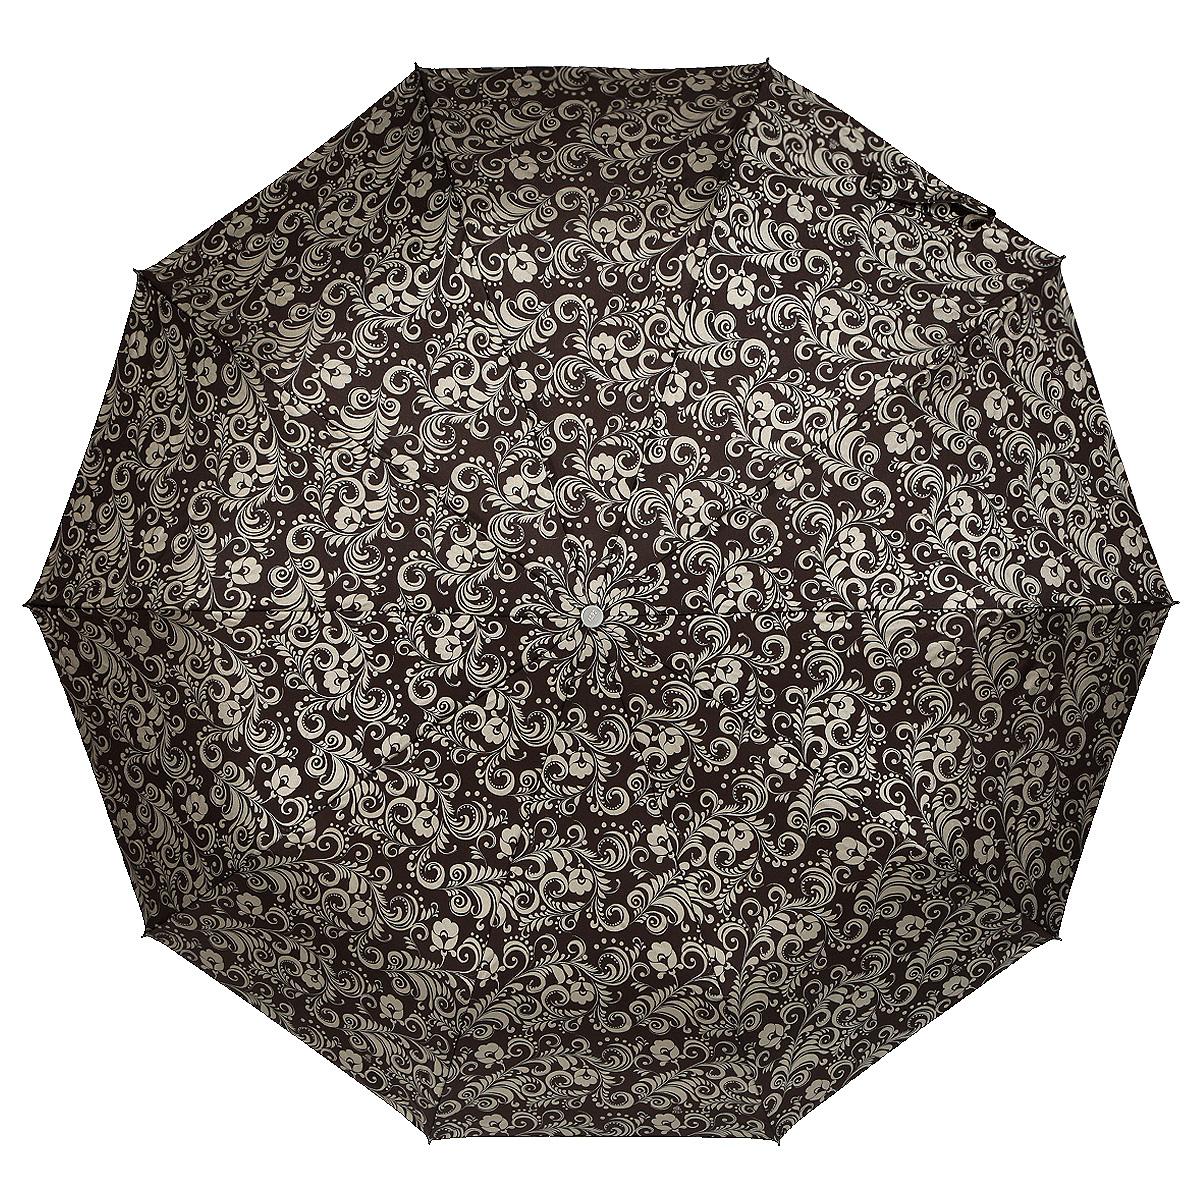 Зонт женский Zest, автомат, 3 сложения, цвет: коричневый, золотистый. 23969-126323969-1263Элегантный автоматический зонт Zest в 3 сложения изготовлен из высокопрочных материалов. Каркас зонта состоит из 10 спиц и прочного алюминиевого стержня. Специальная система Windproof защищает его от поломок во время сильных порывов ветра. Купол зонта выполнен из прочного полиэстера с водоотталкивающей пропиткой и оформлен витиеватым растительным узором. Рукоятка, разработанная с учетом требований эргономики, выполнена из металла и искусственной кожи. Зонт имеет полный автоматический механизм сложения: купол открывается и закрывается нажатием кнопки на рукоятке, стержень складывается вручную до характерного щелчка. Благодаря этому открыть и закрыть зонт можно одной рукой, что чрезвычайно удобно при входе в транспорт или помещение. Небольшой шнурок, расположенный на рукоятке, позволяет надеть изделие на руку при необходимости. Модель закрывается при помощи хлястика на застежку-липучку. К зонту прилагается чехол, который оснащен двумя удобными ручками. Очаровательный...